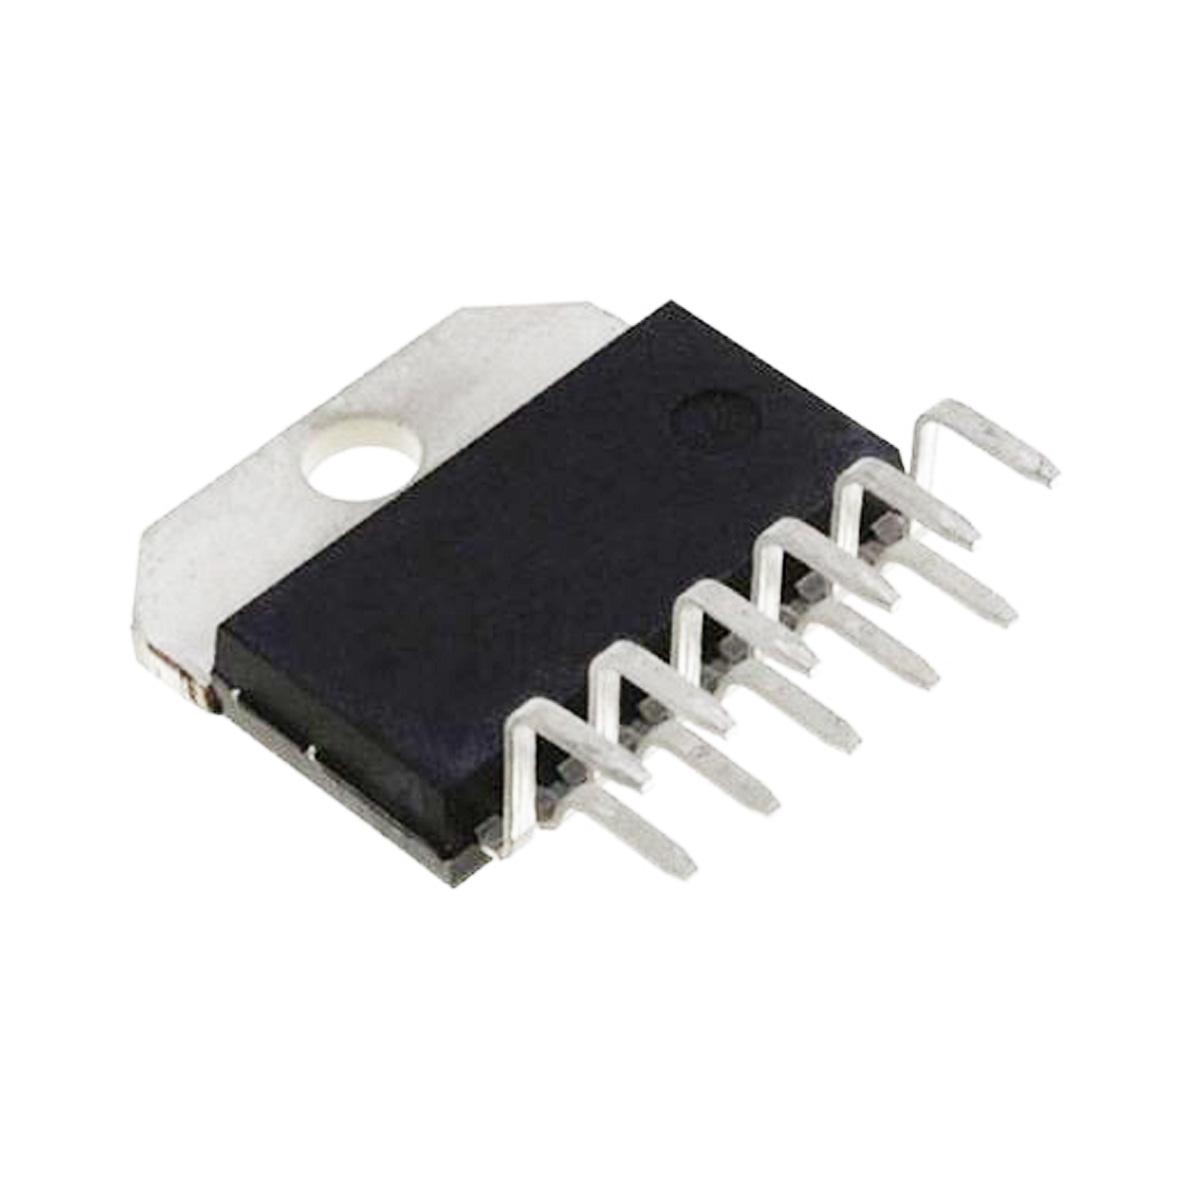 Circuito Integrado : Circuito integrado tda pal a u e circuitos integrados